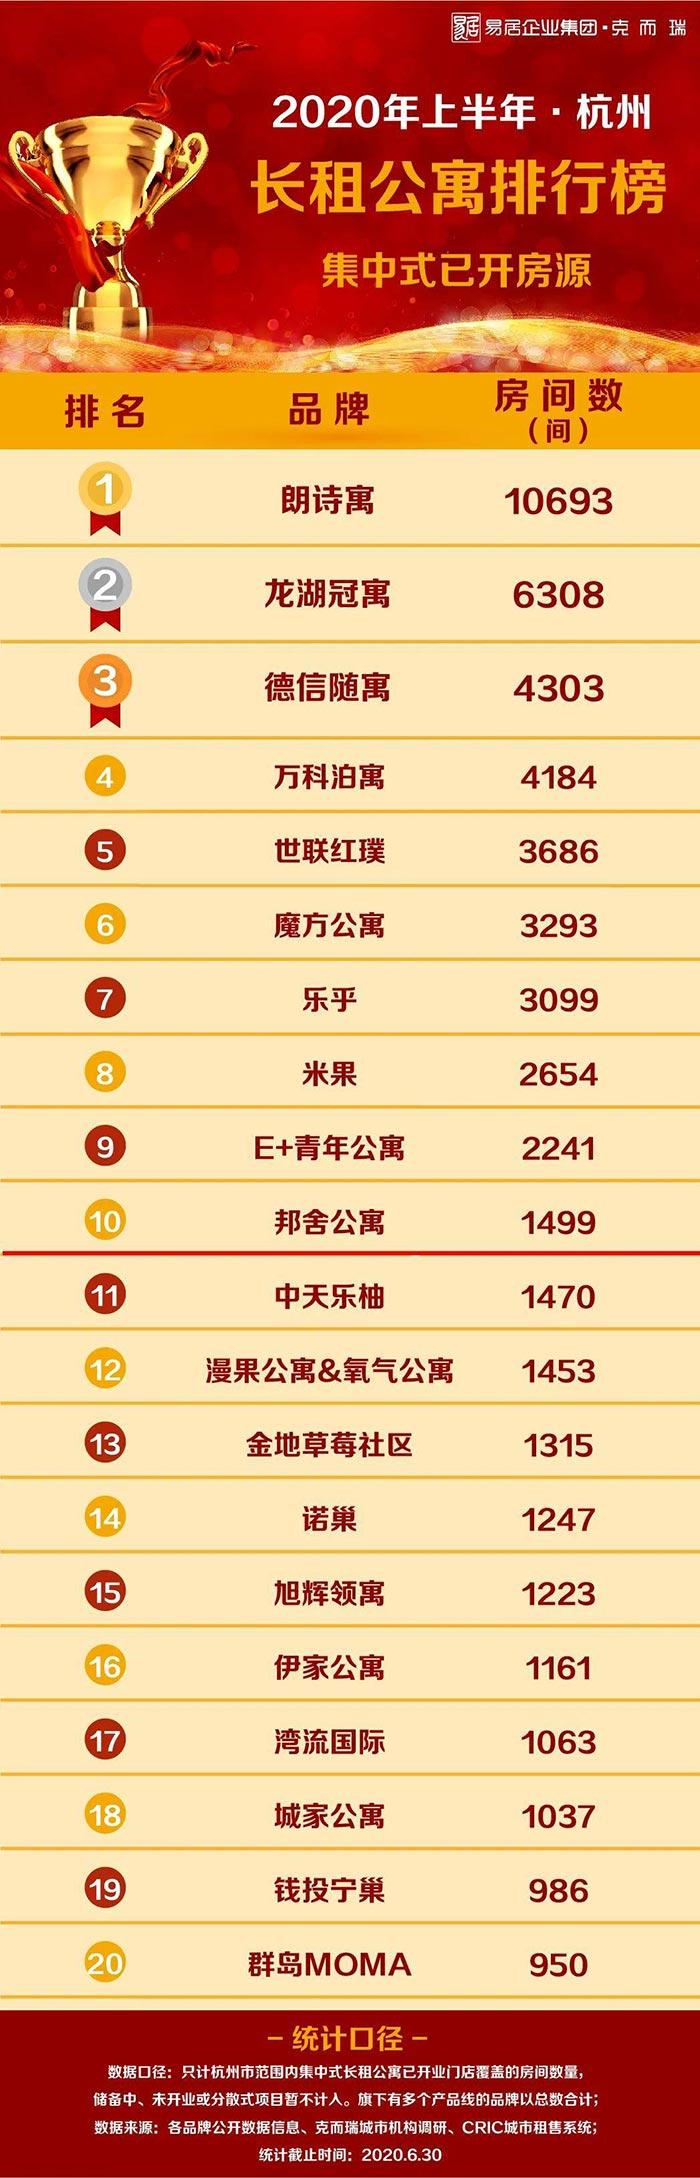 杭州上半年长租公寓排行榜出炉:市场量价齐跌